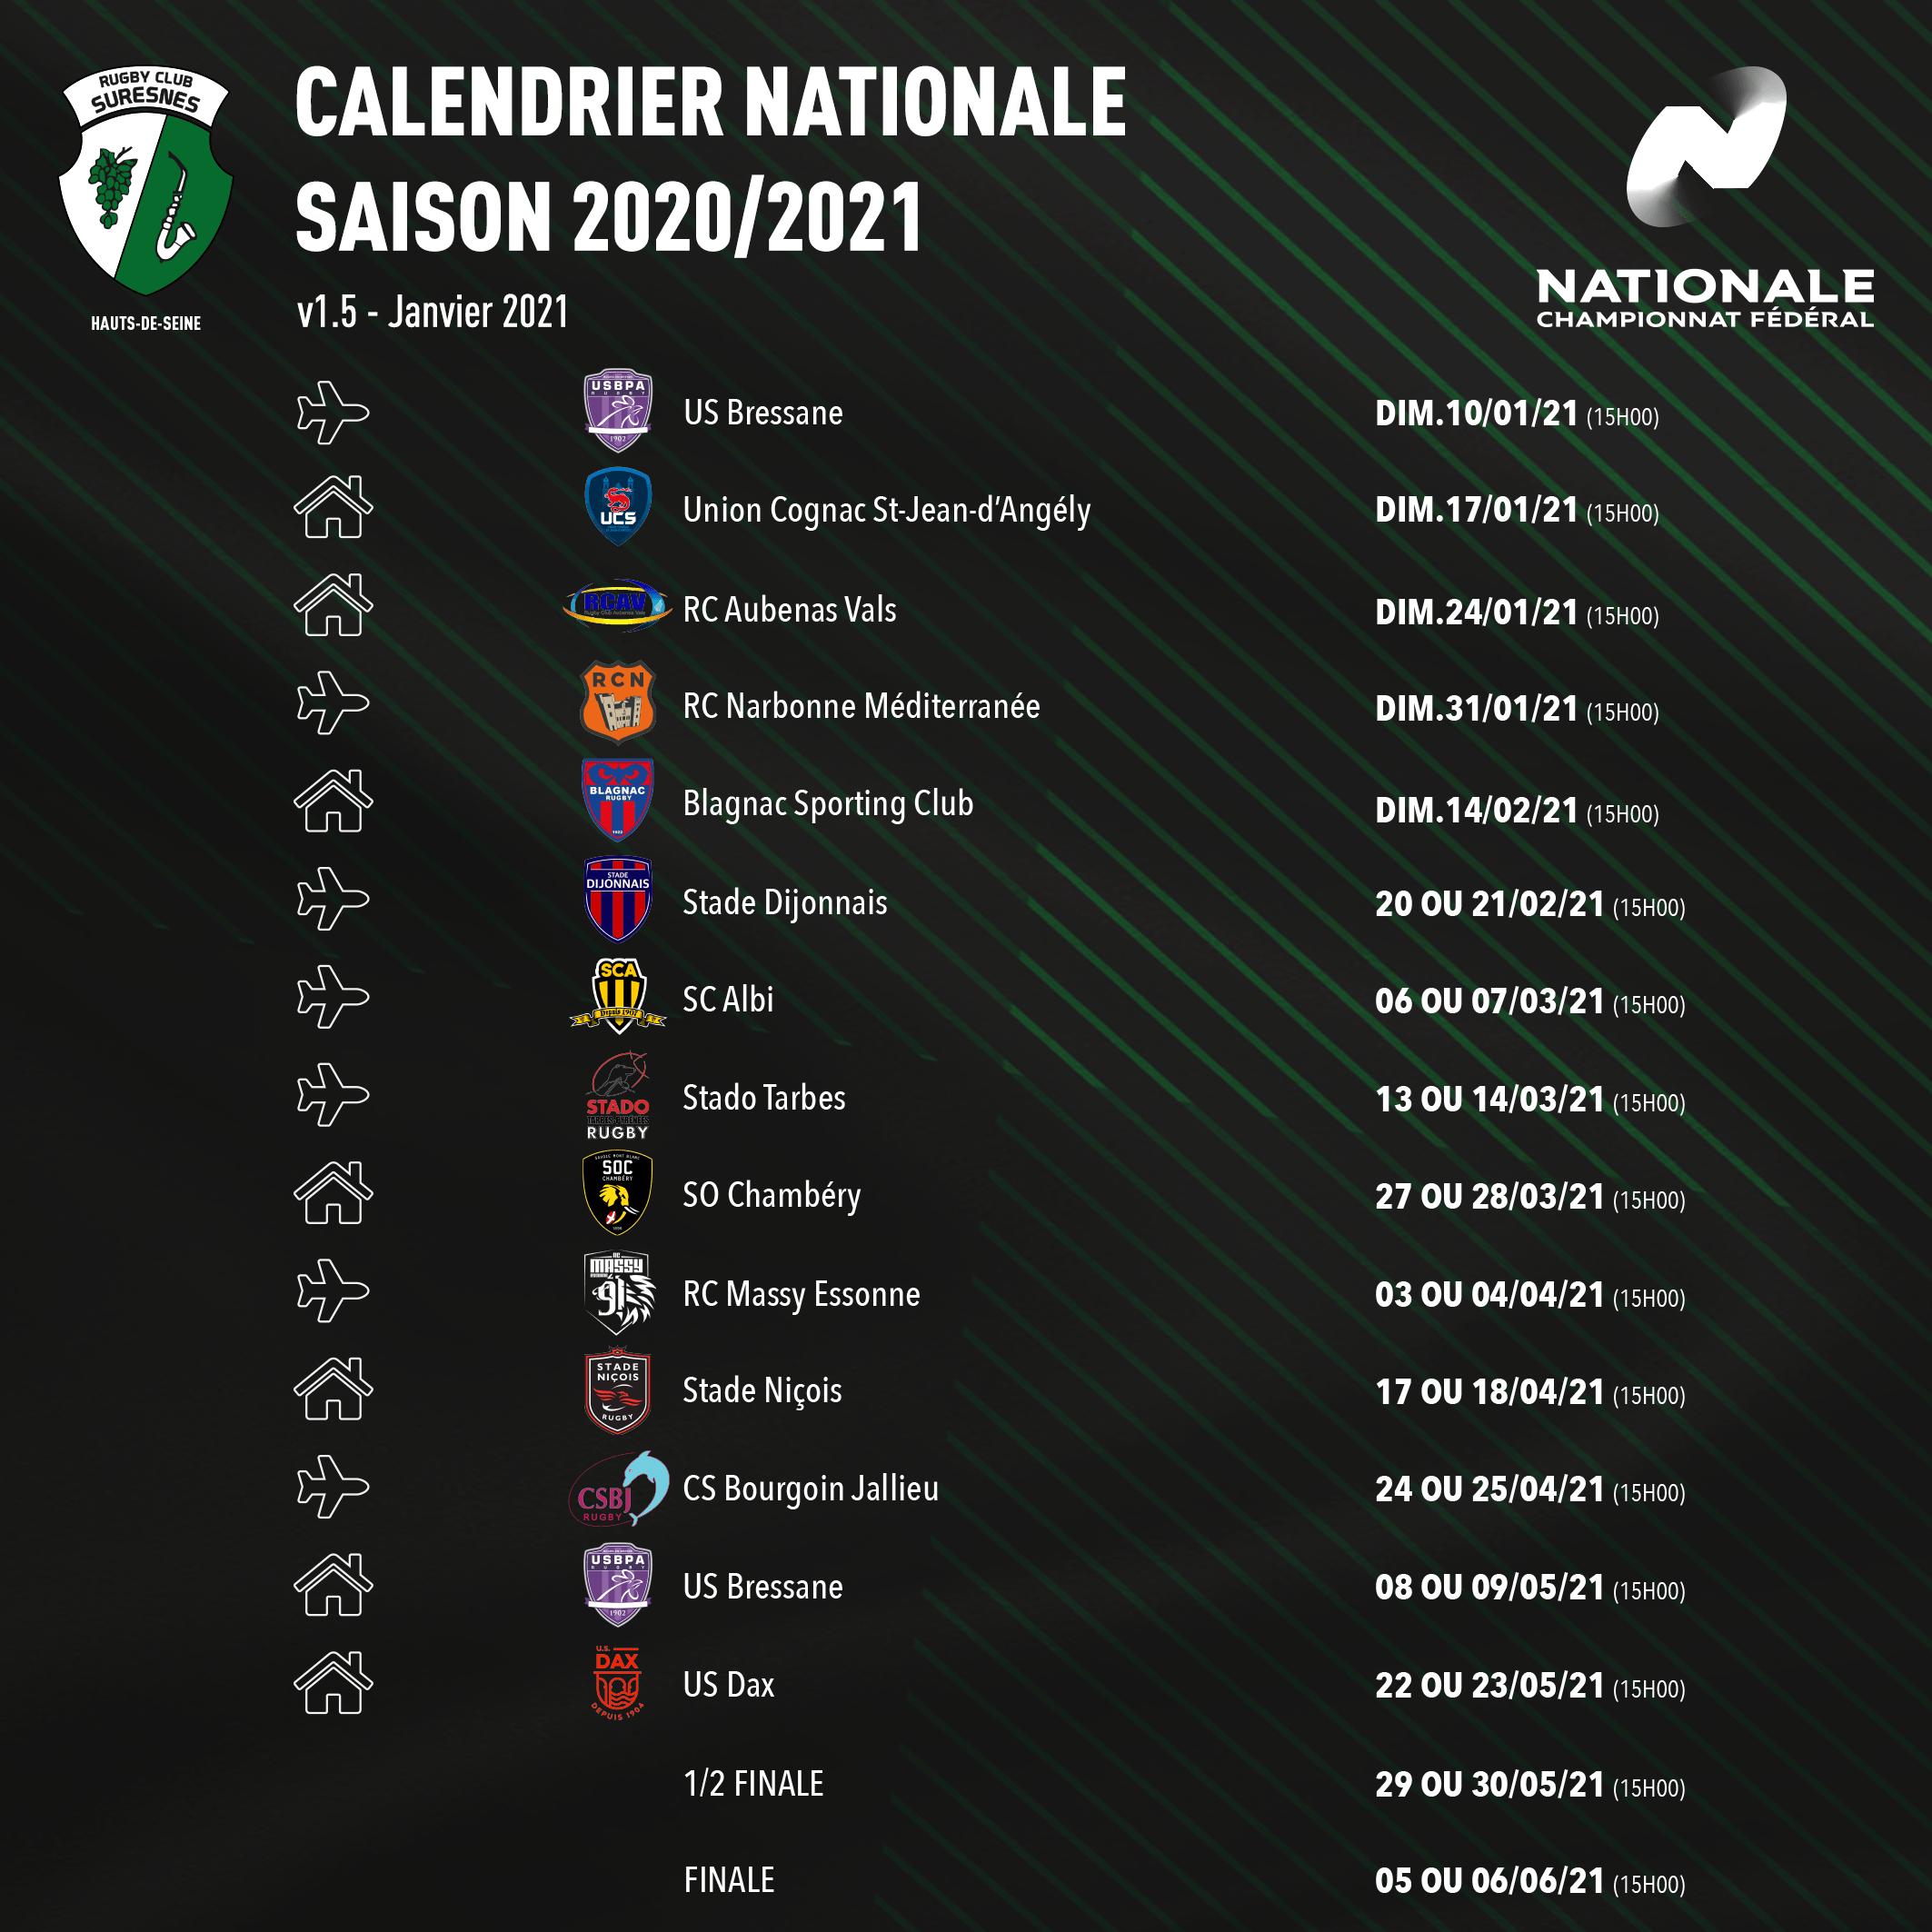 Calendrier des matchs du RC Suresnes, saison 2020-2021 - Championnat Nationale